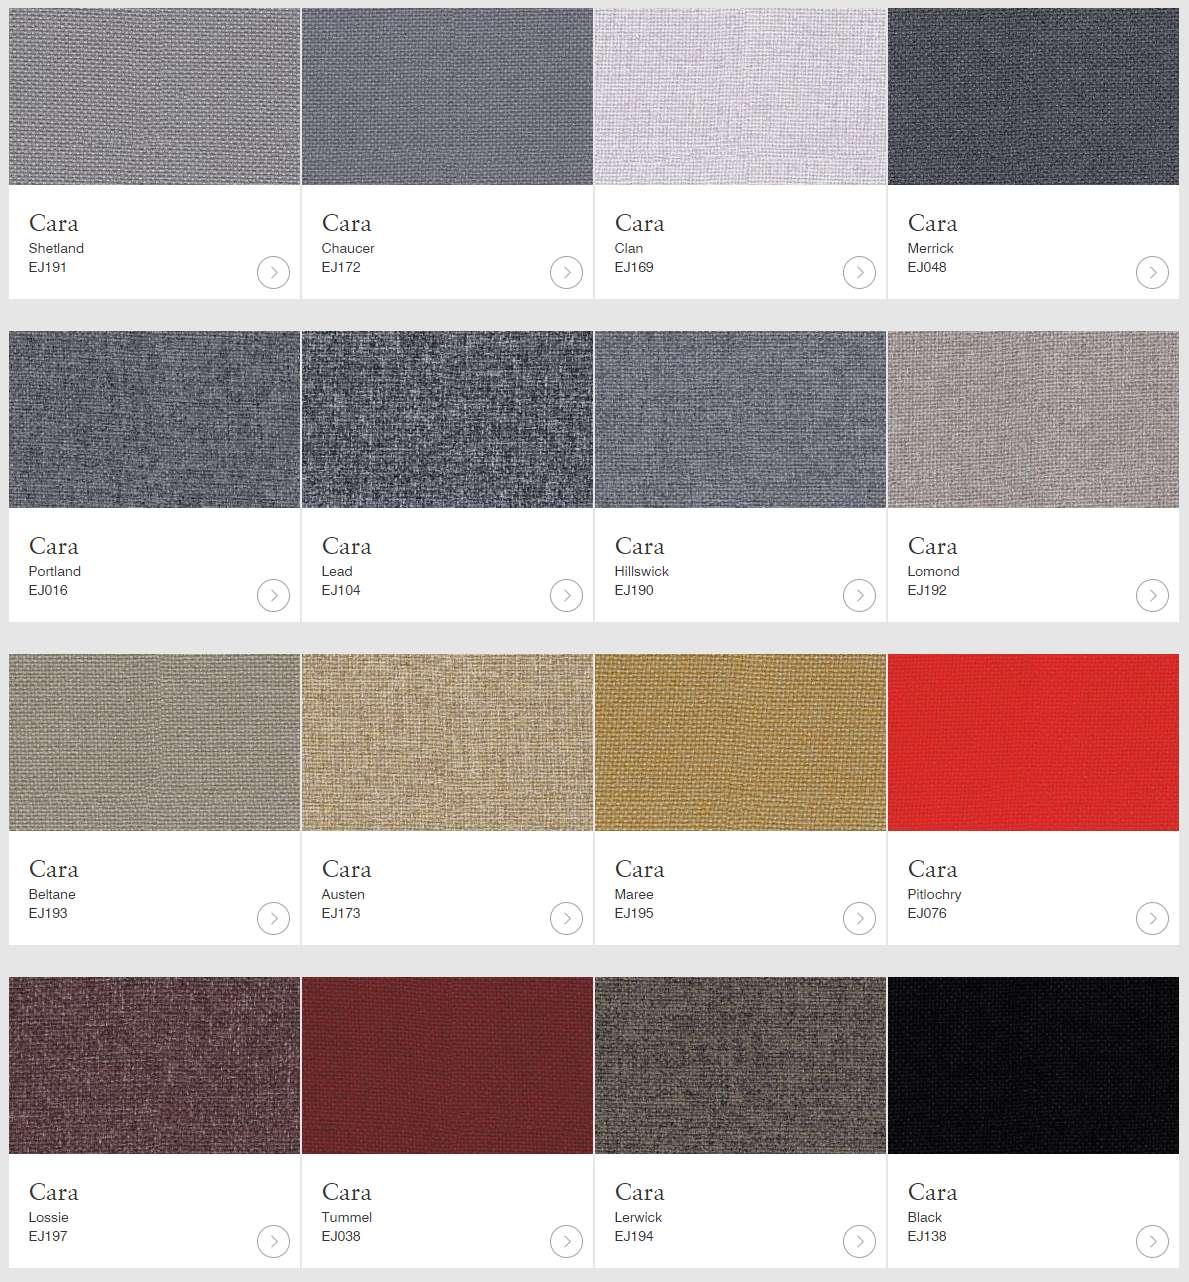 Cara textil finns i flera olika kulörer